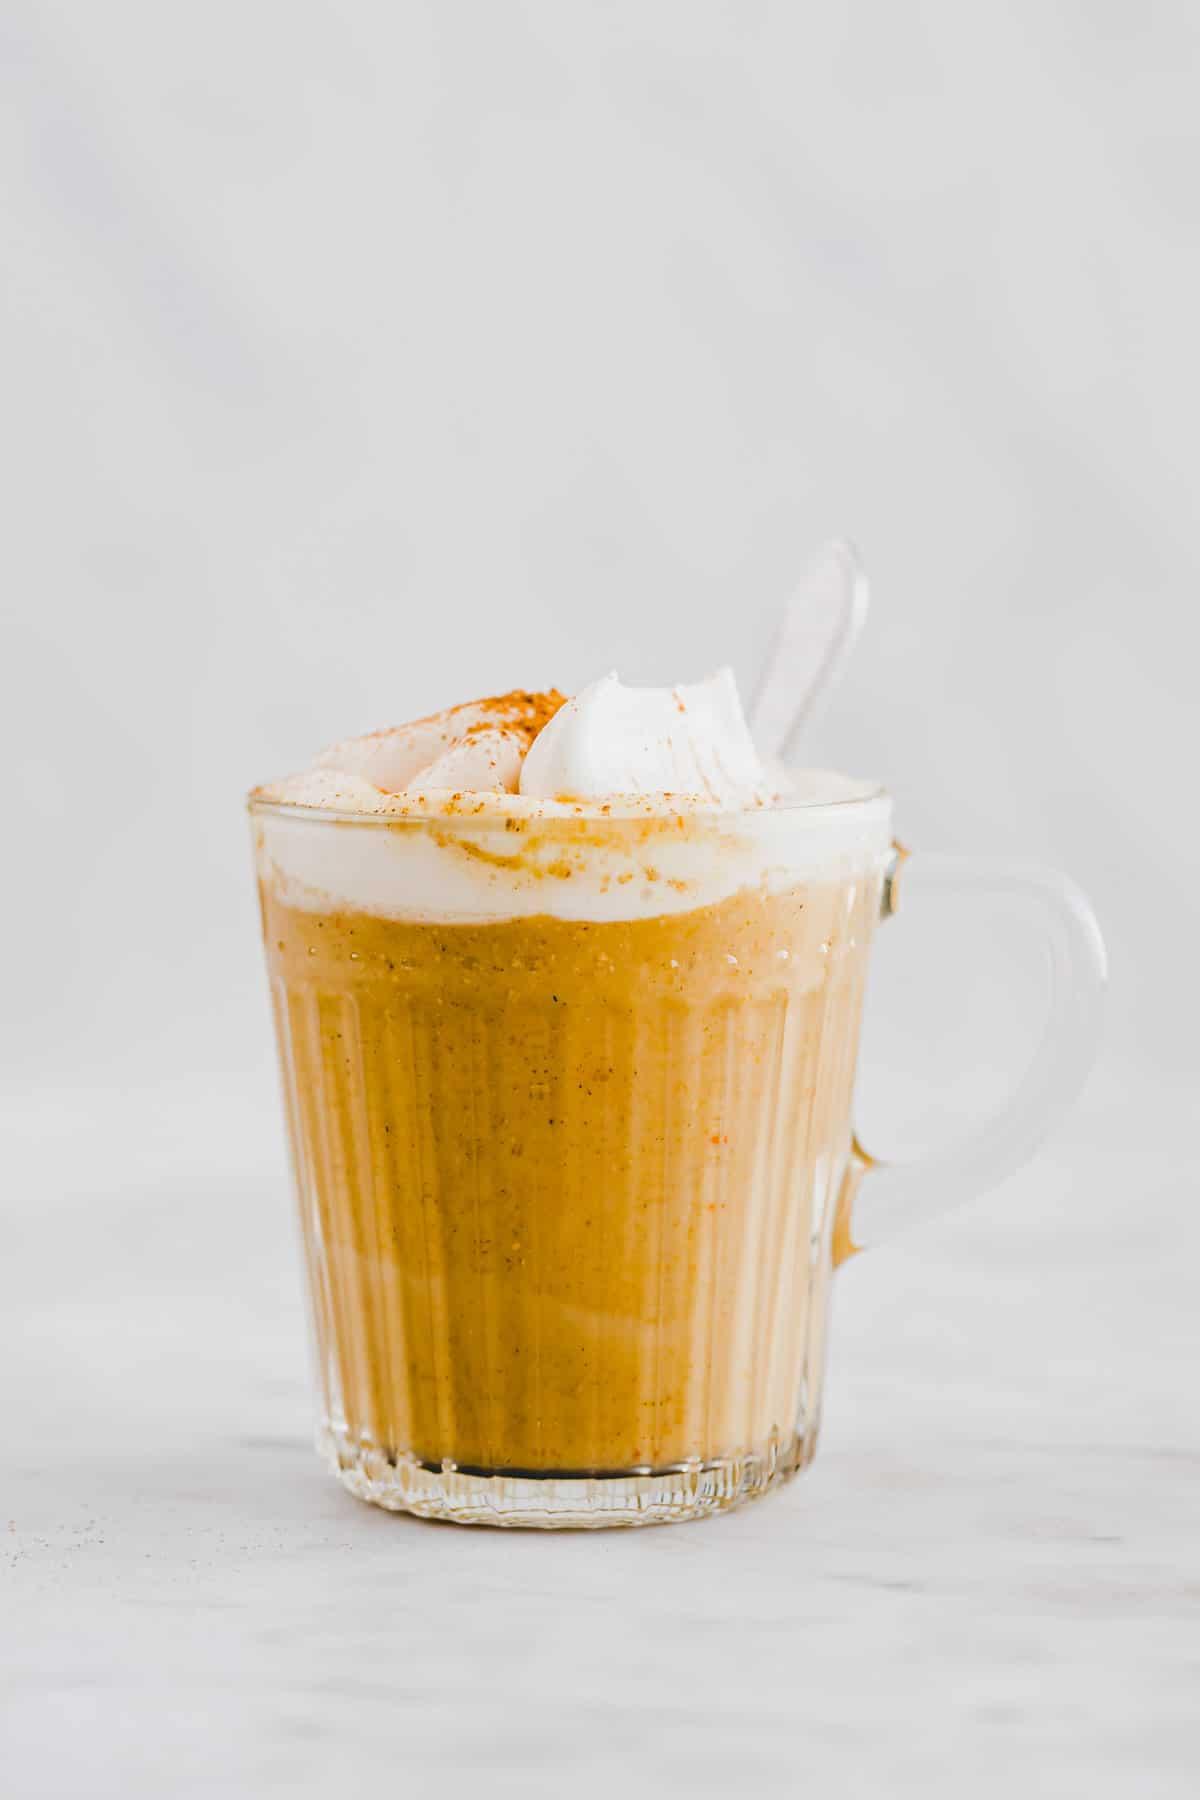 vegan pumpkin spice latte in a mug